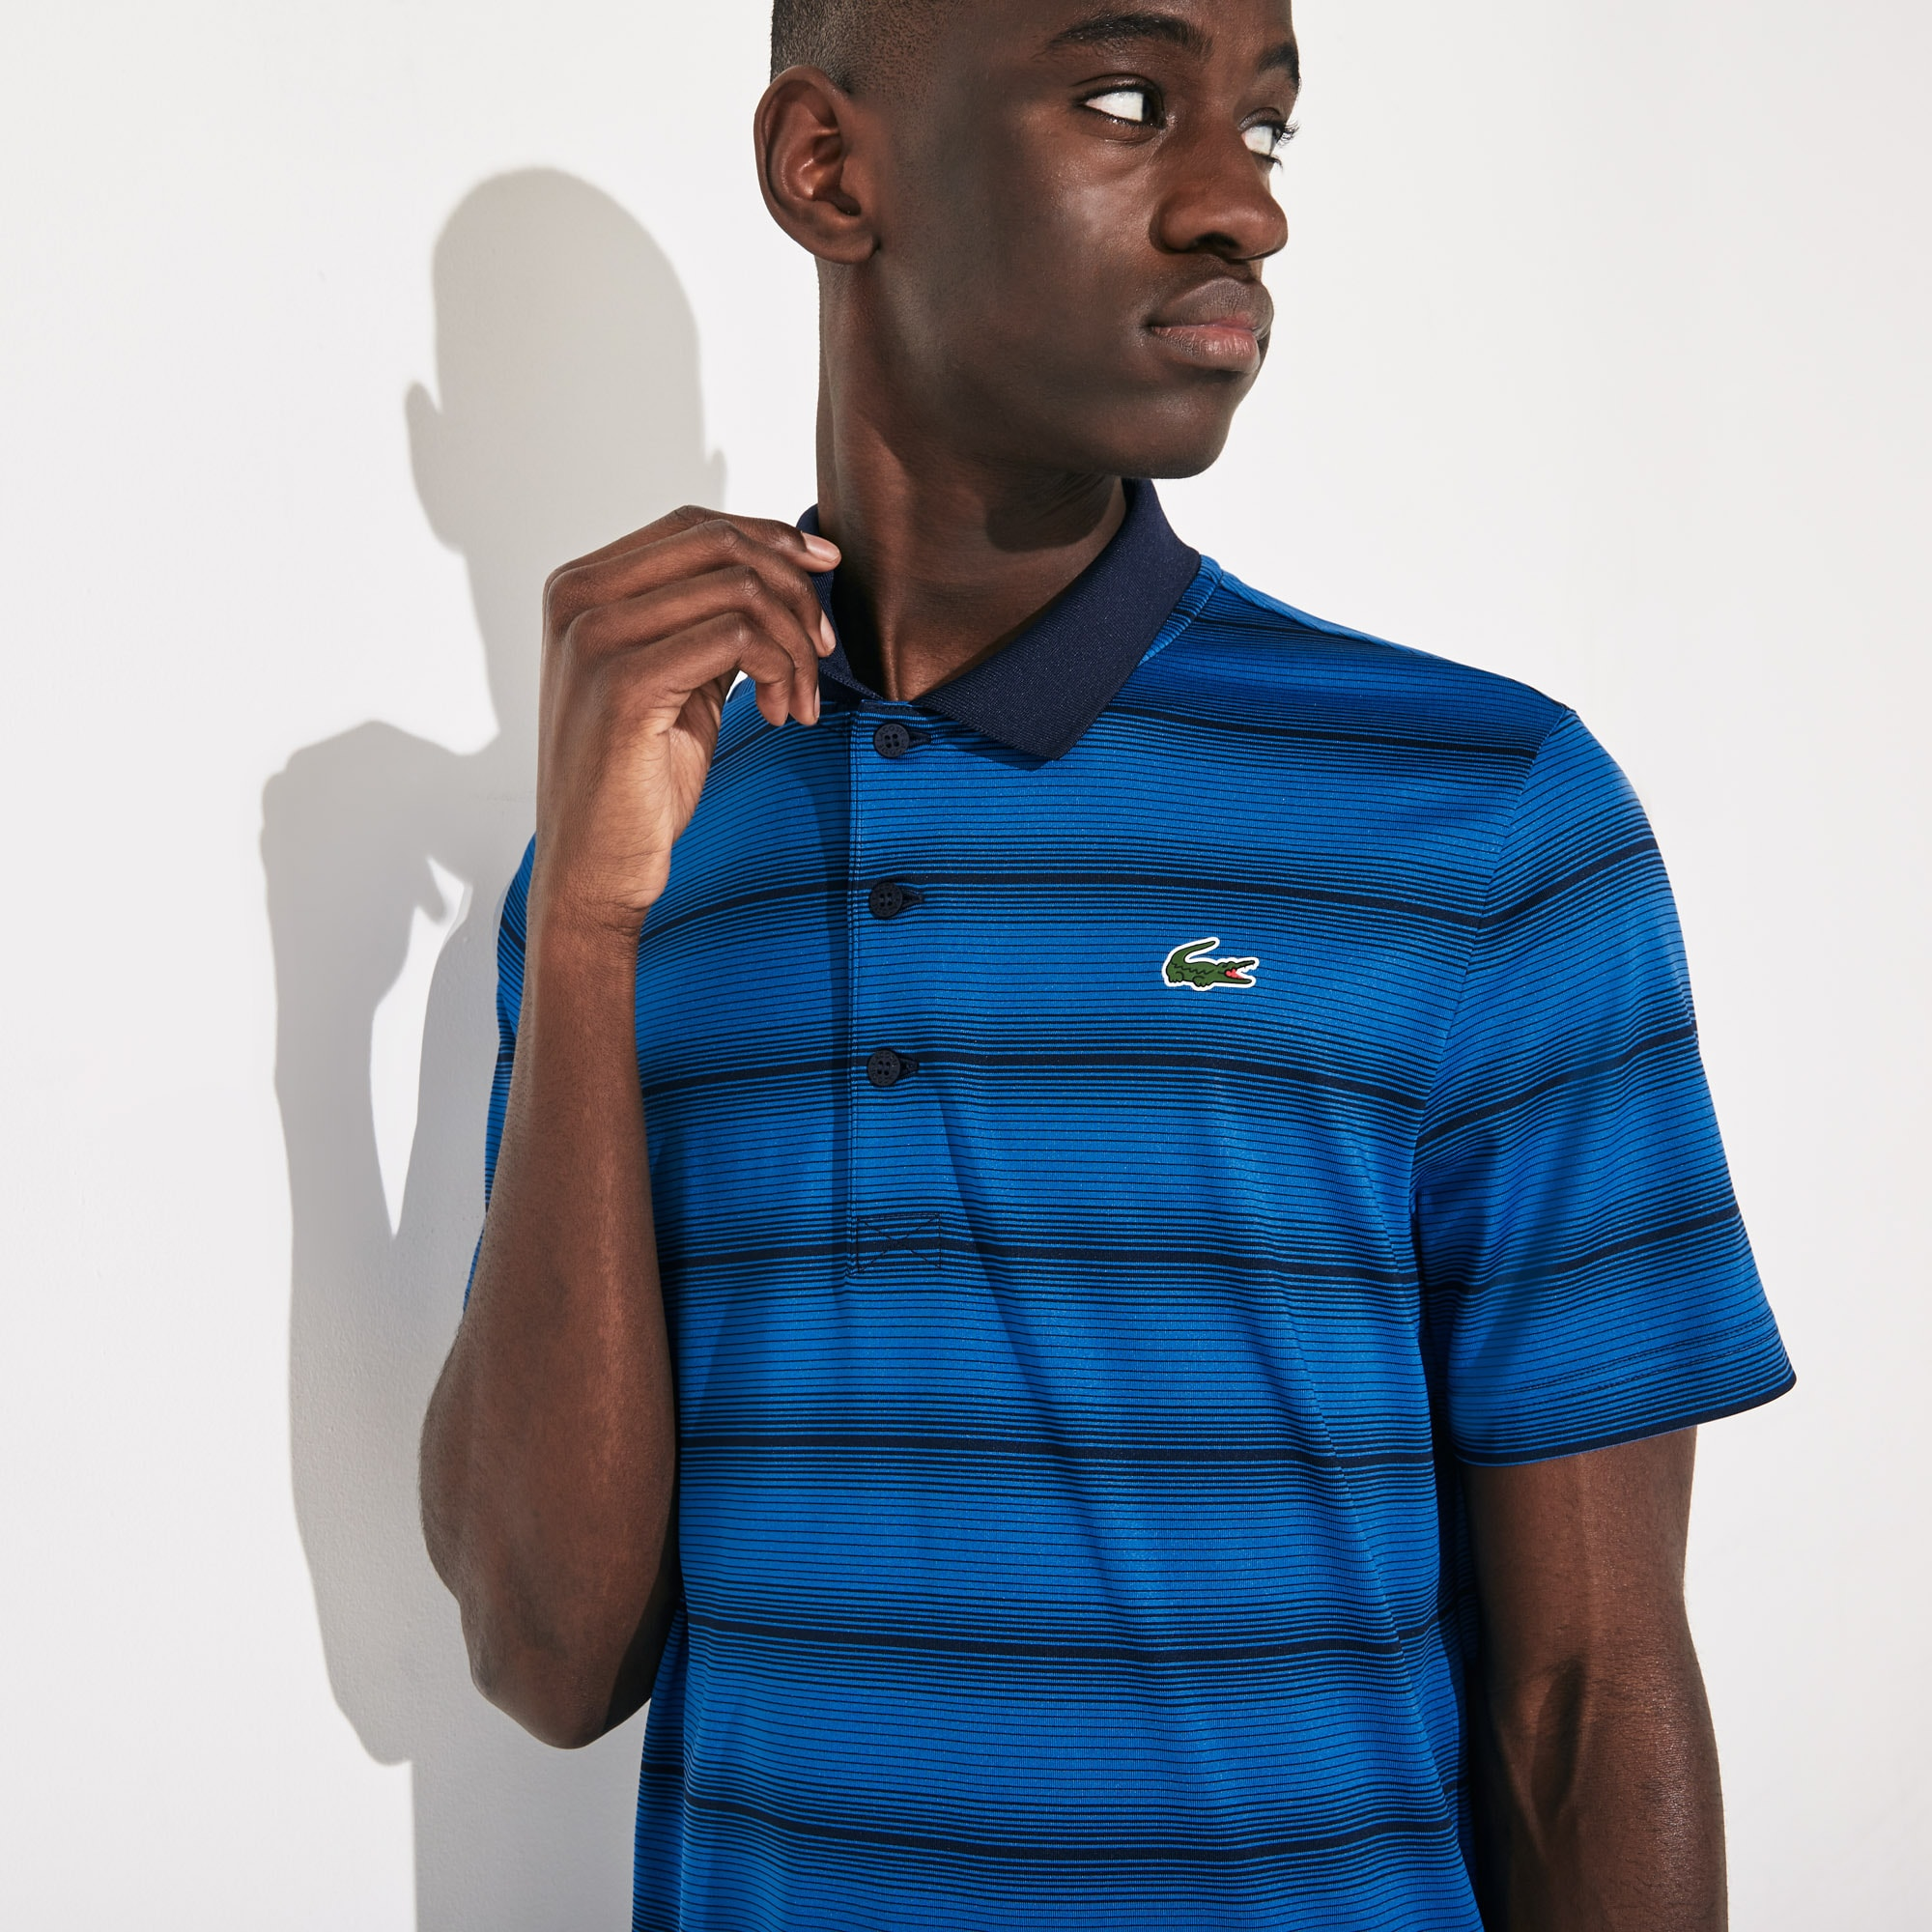 라코스테 Lacoste Mens SPORT Striped Breathable Golf Polo Shirt,Blue / Navy Blue - XRY